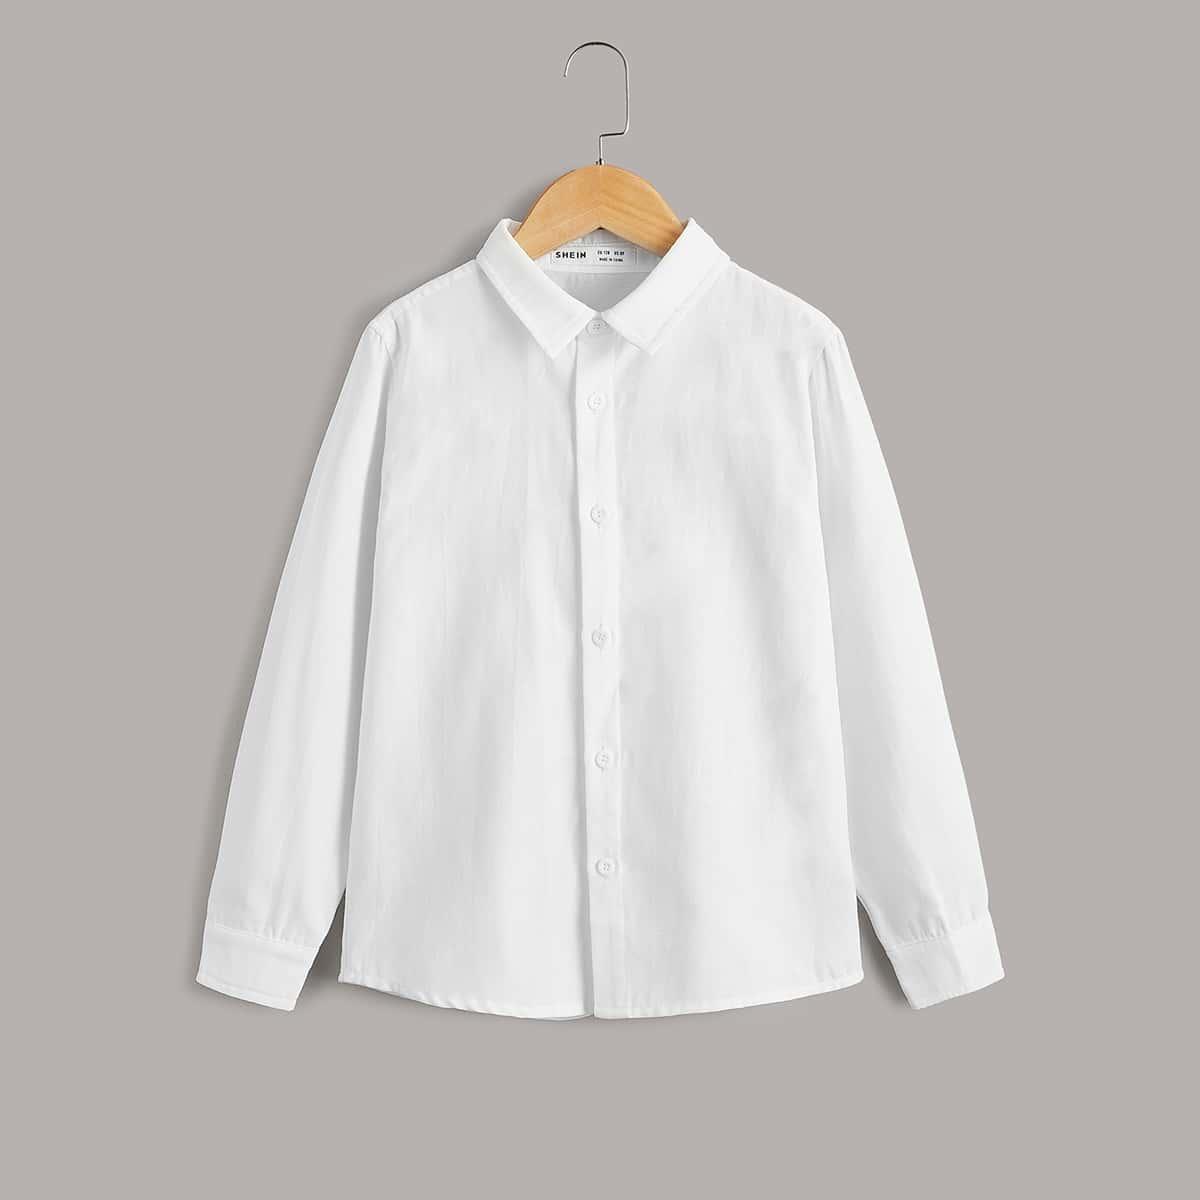 для мальчиков Рубашка на пуговицах